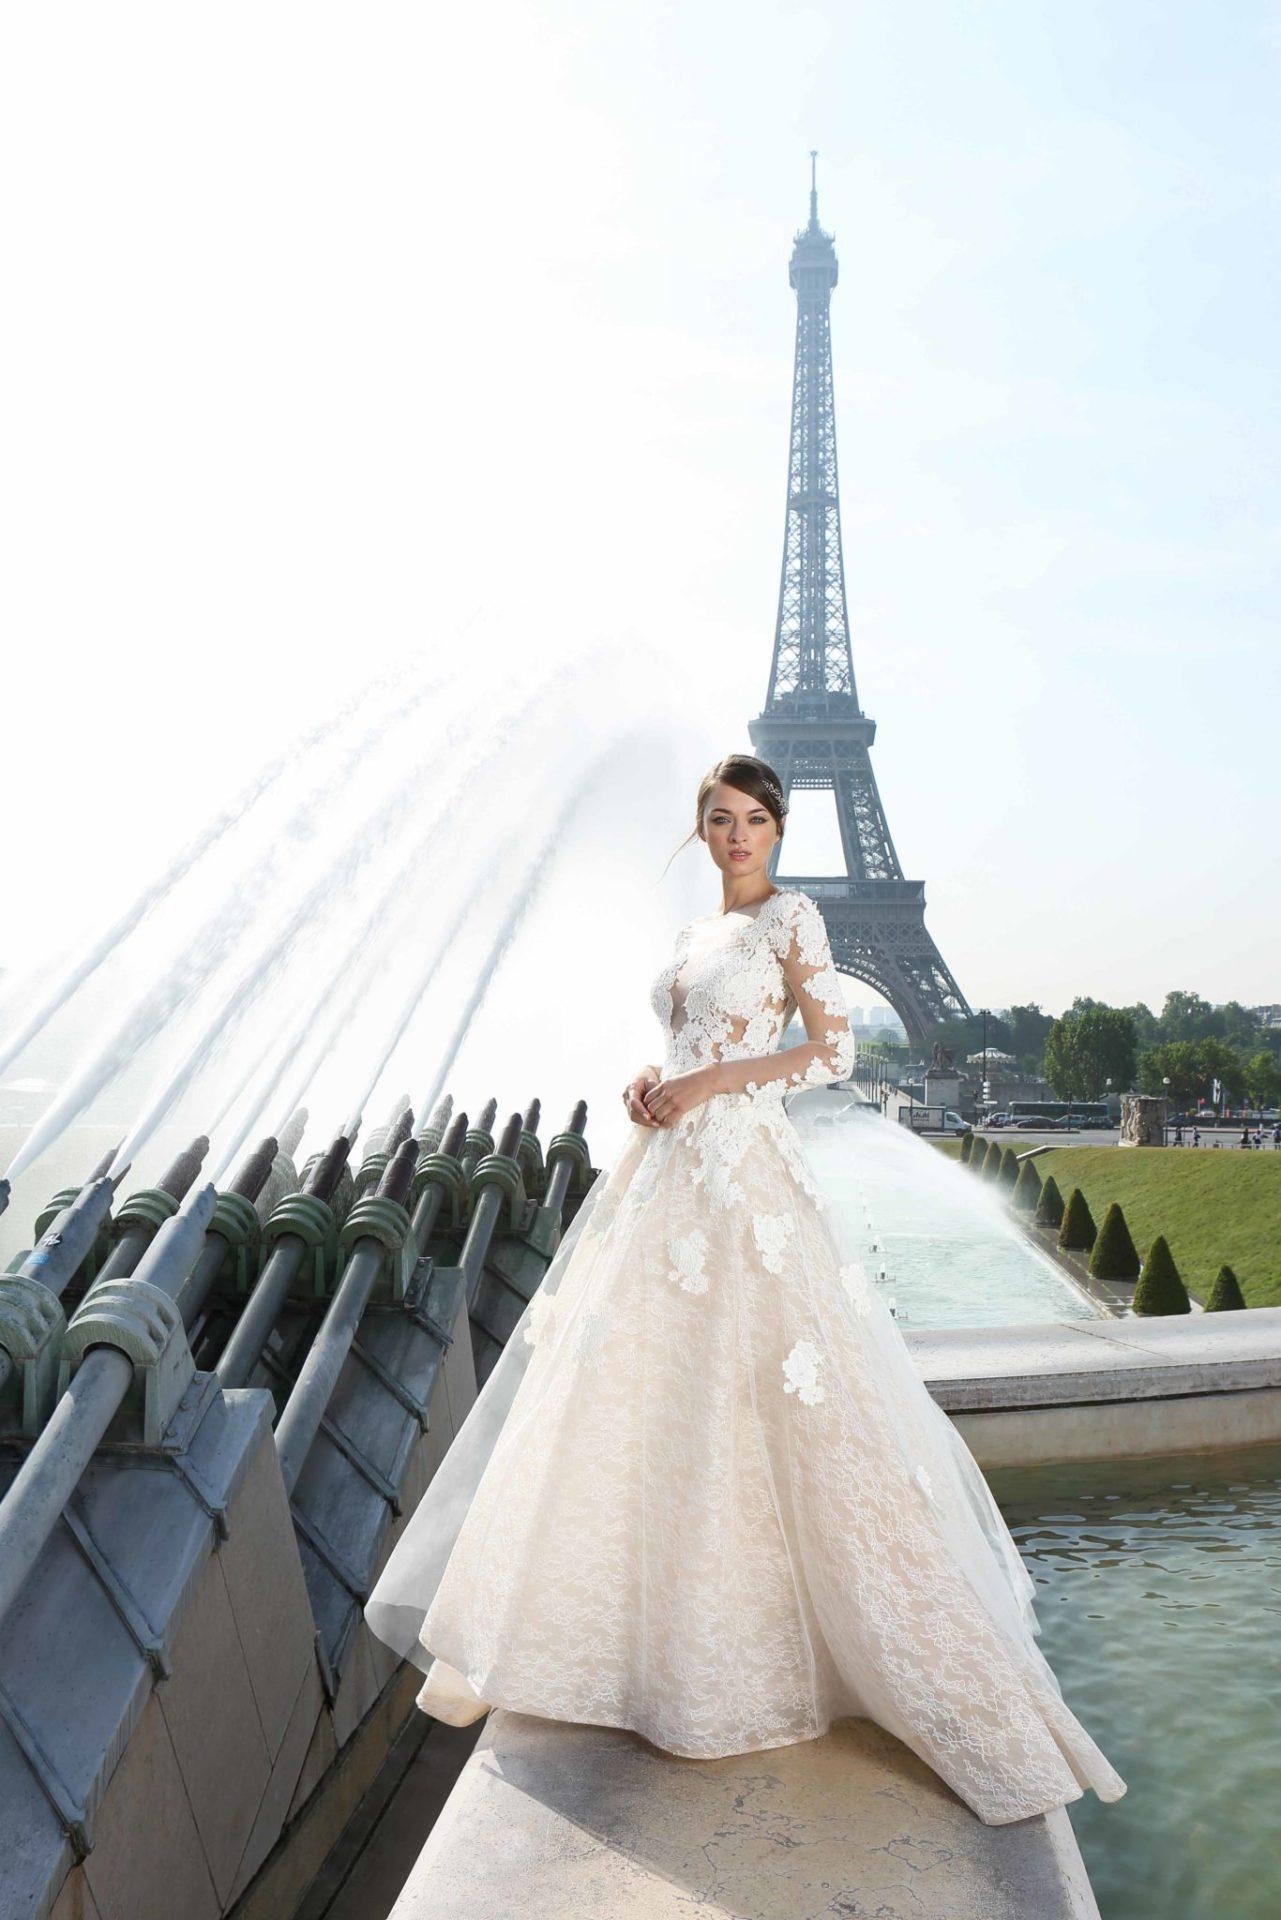 ae75417dde3 Collection La Parisienne - Cymbeline - Robes de mariée - Collection 2018